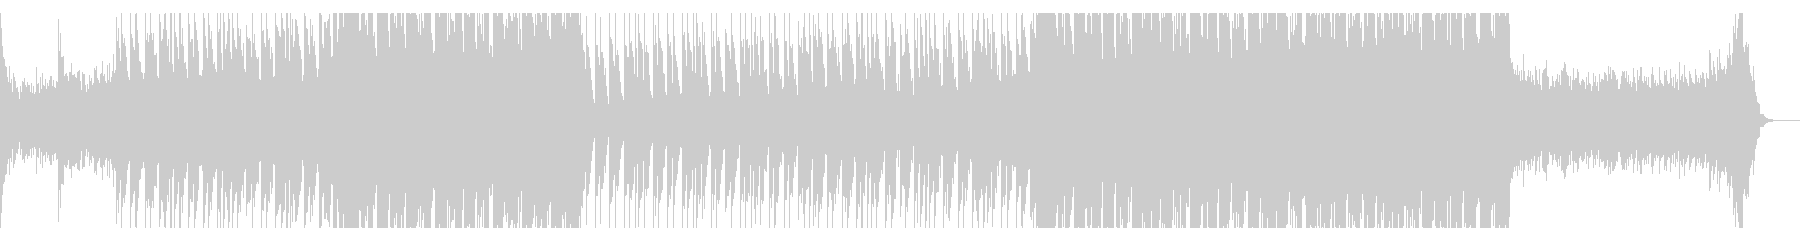 金属音のトレーラー向けインダストリアル曲の未再生の波形